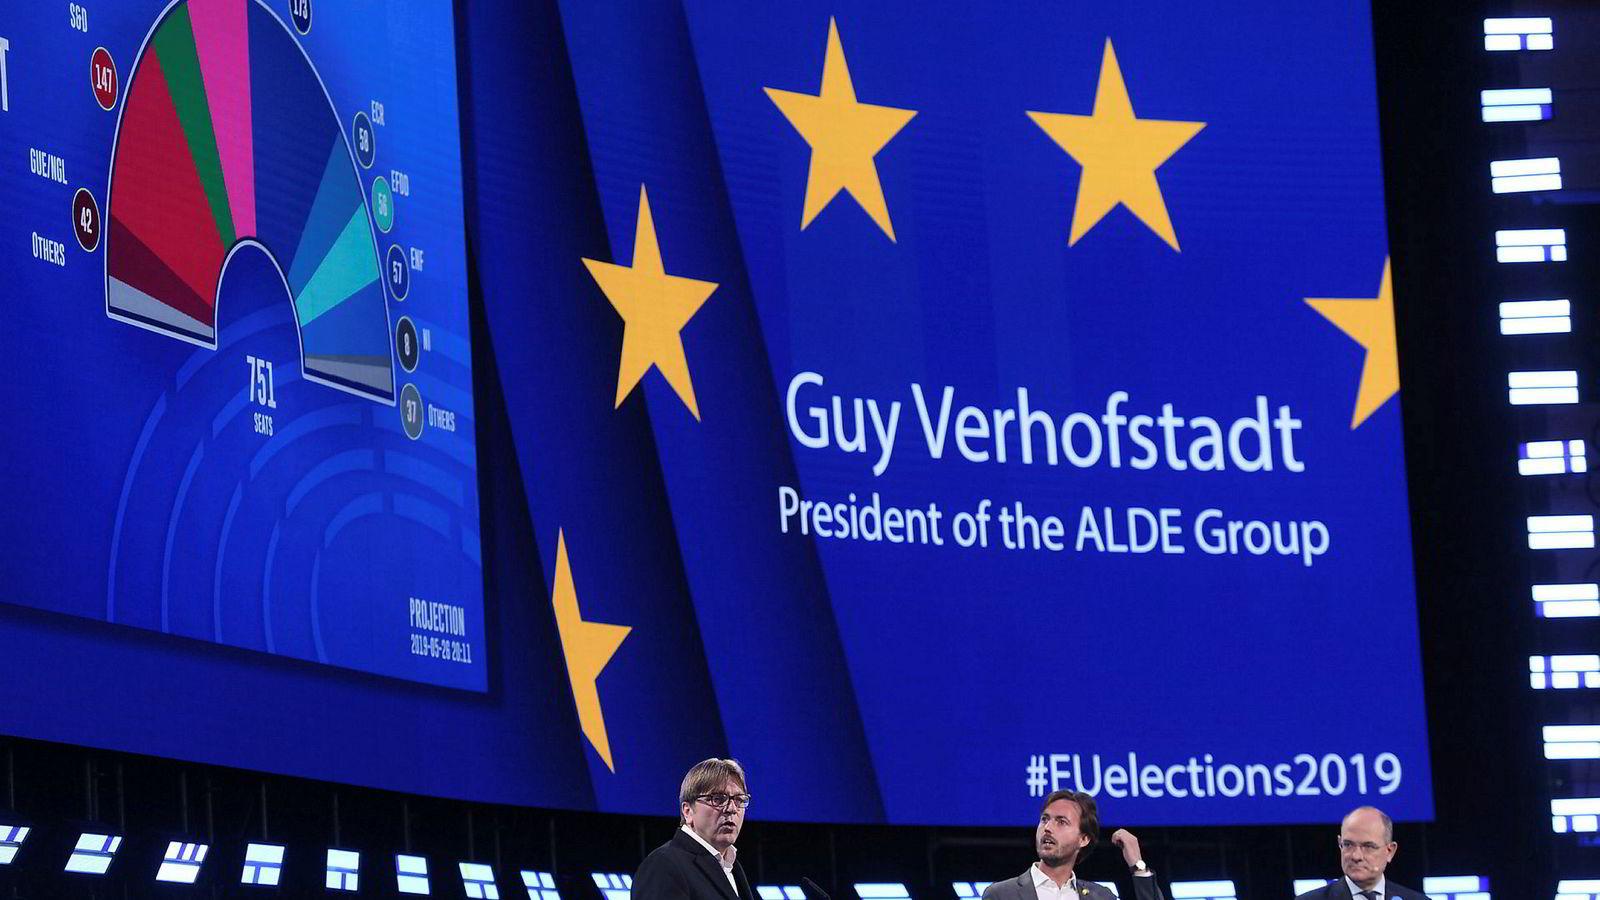 Guy Verhofstadt, tidligere belgisk statsminister og sentral politiker for den liberale Alde-gruppen i Europaparlamentet, sa søndag kveld at EU er vinneren – med en viss rett.